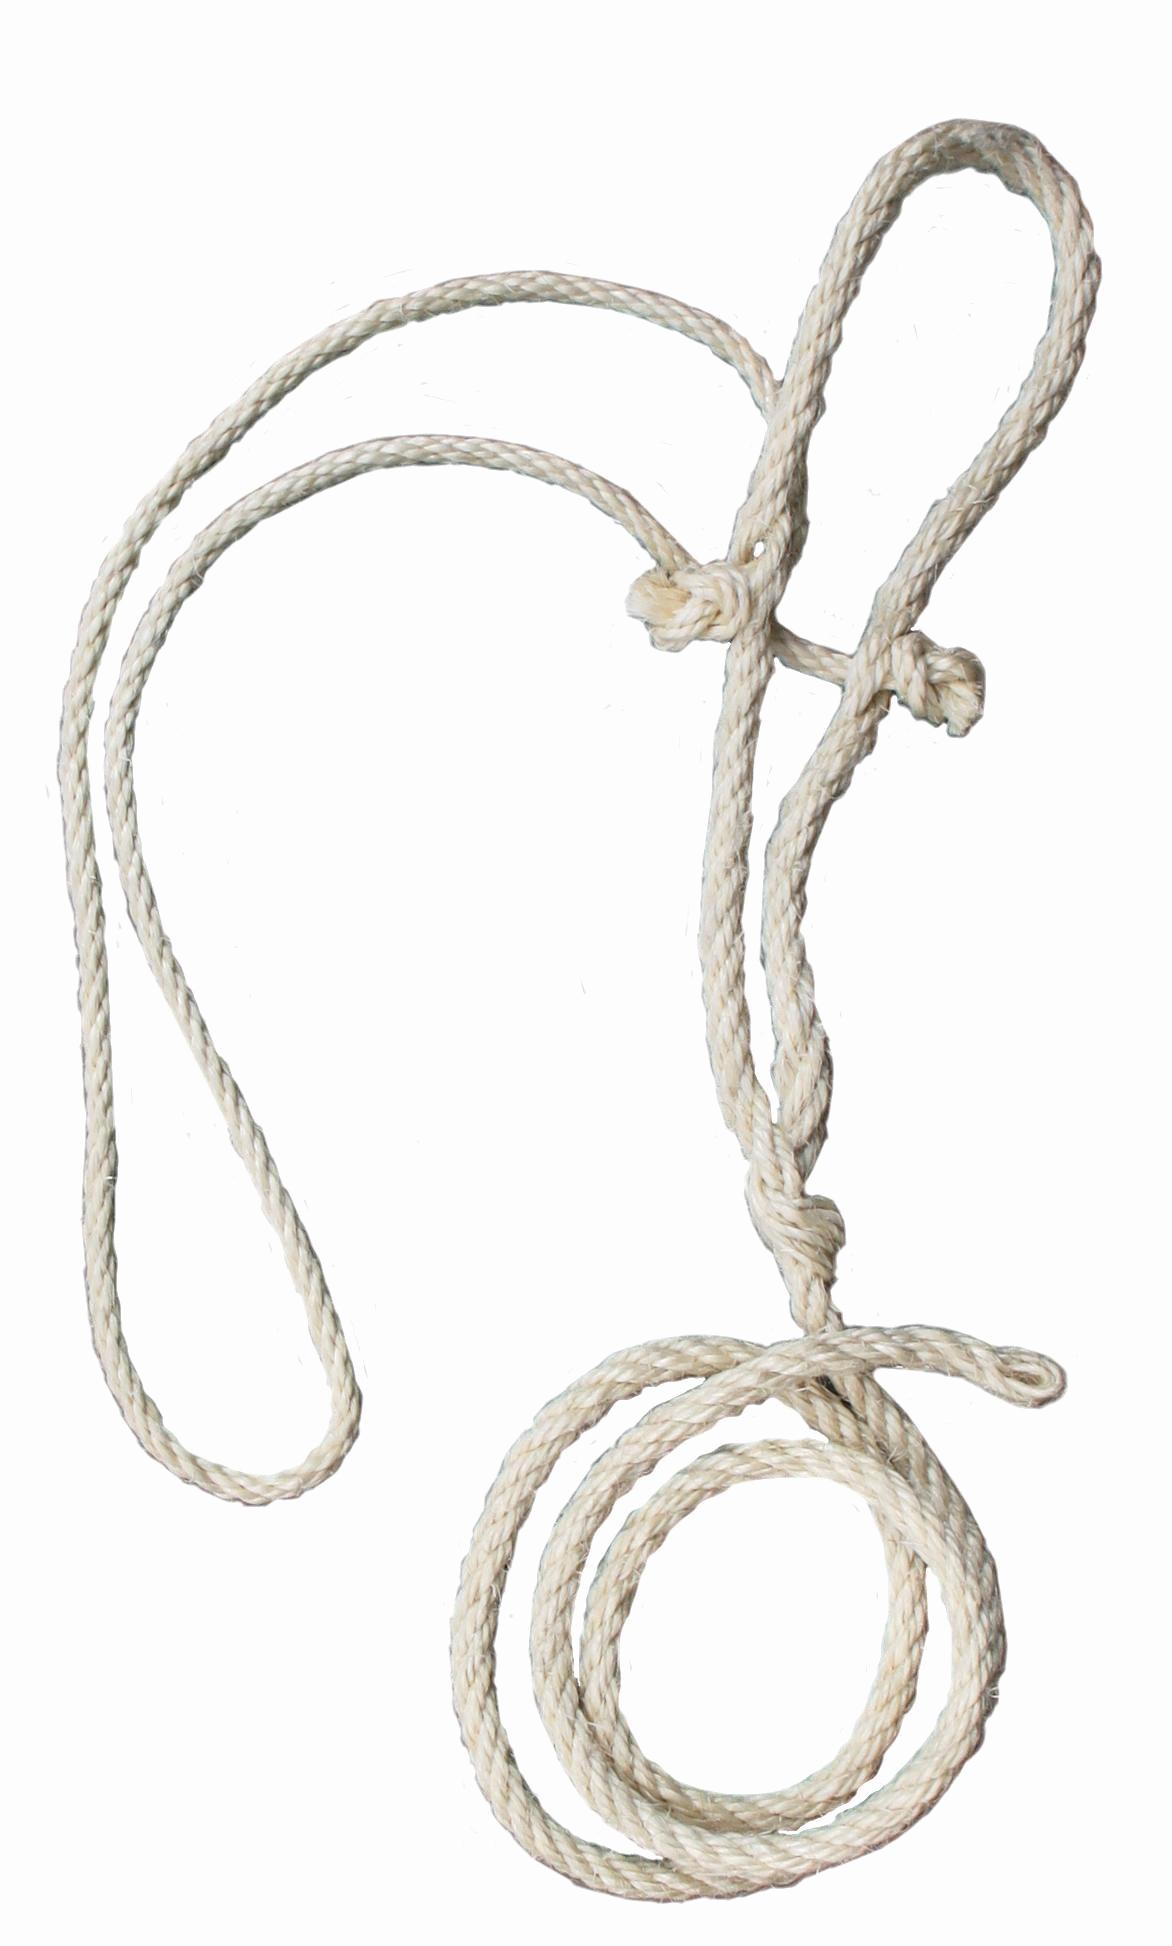 Koetouwhalster + dun koptouw